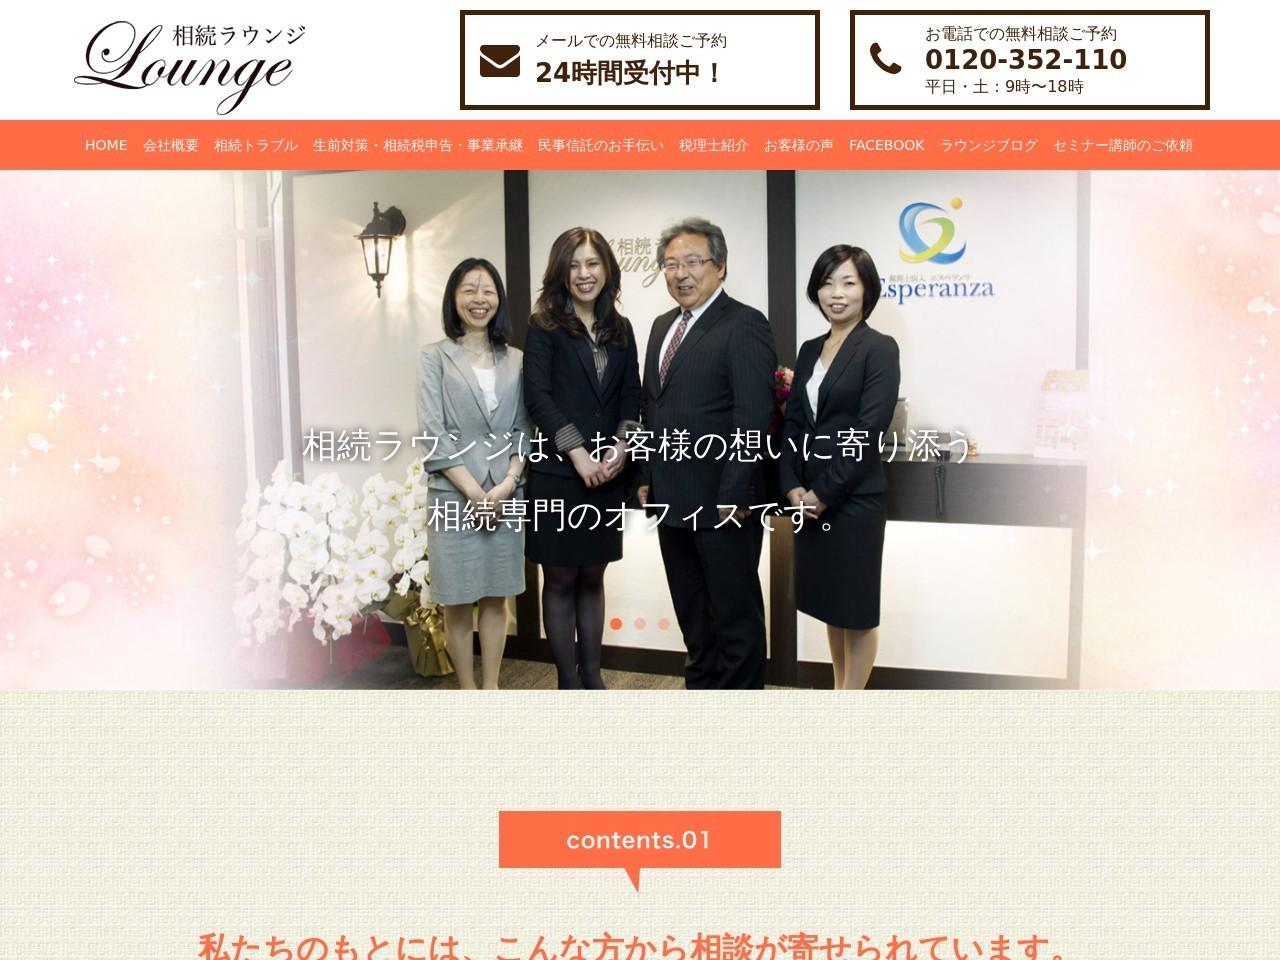 エスペランサ(税理士法人)名古屋オフィス&相続ラウンジ